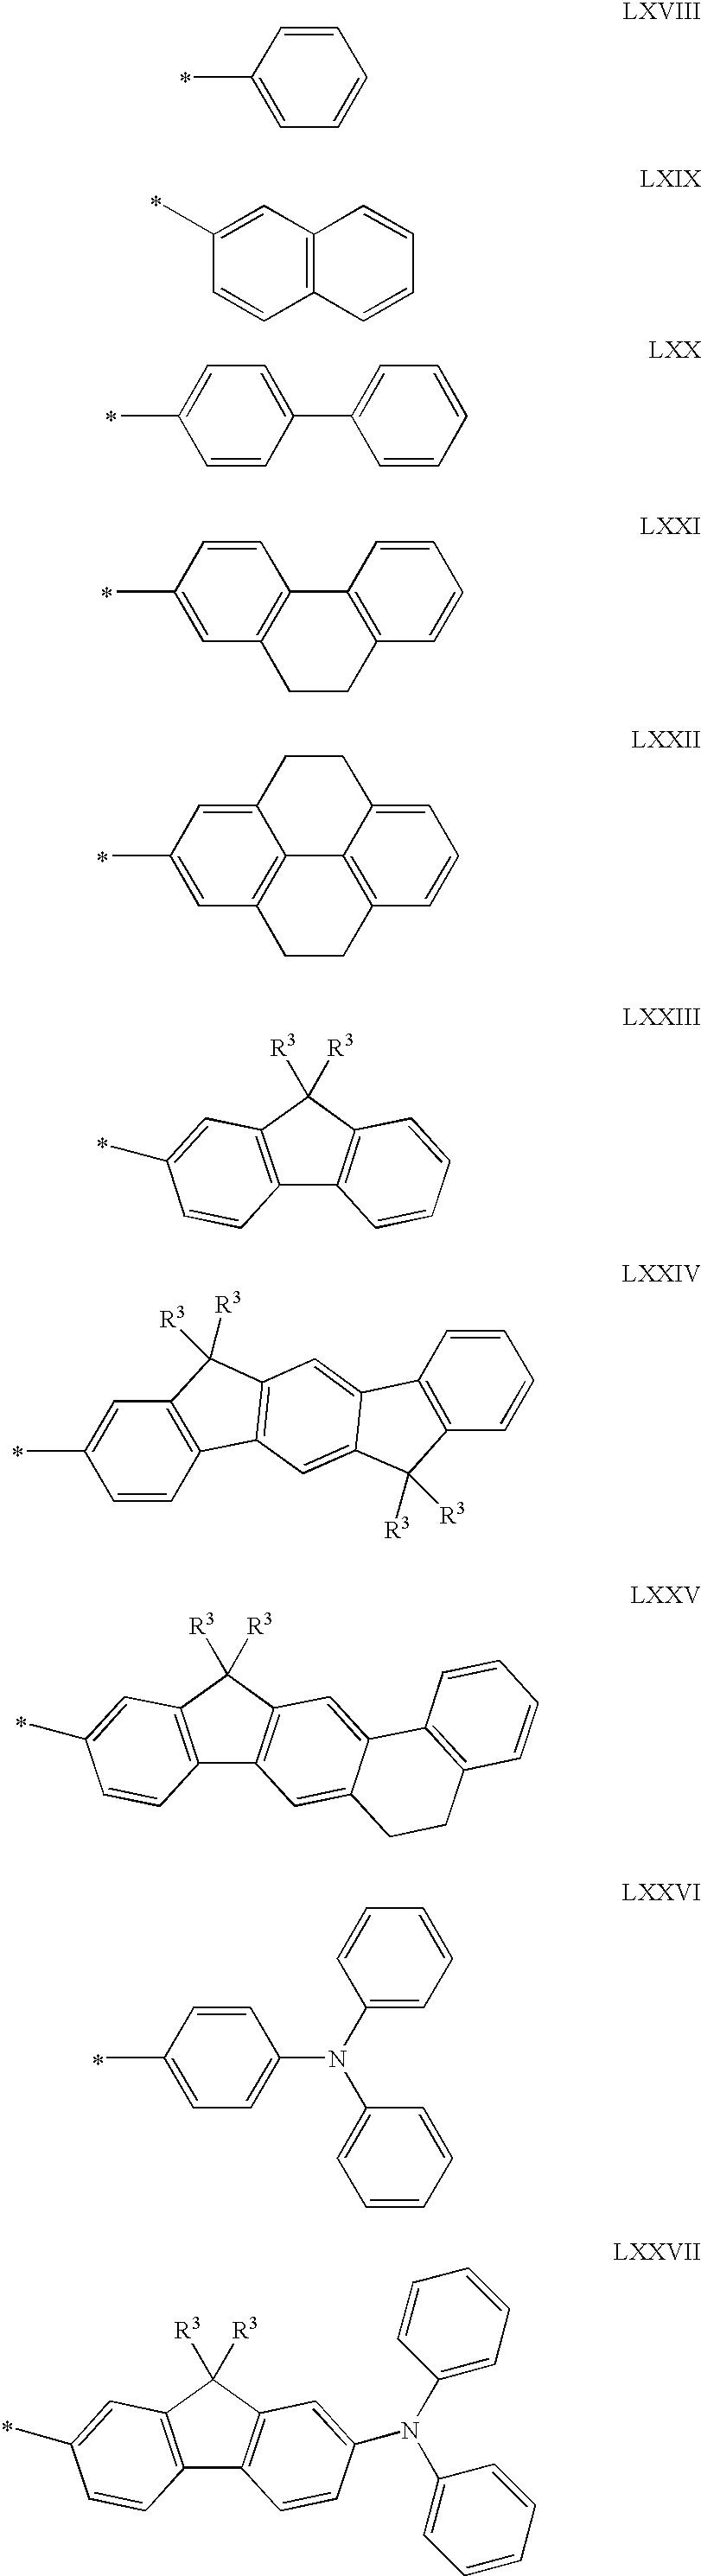 Figure US20040062930A1-20040401-C00090